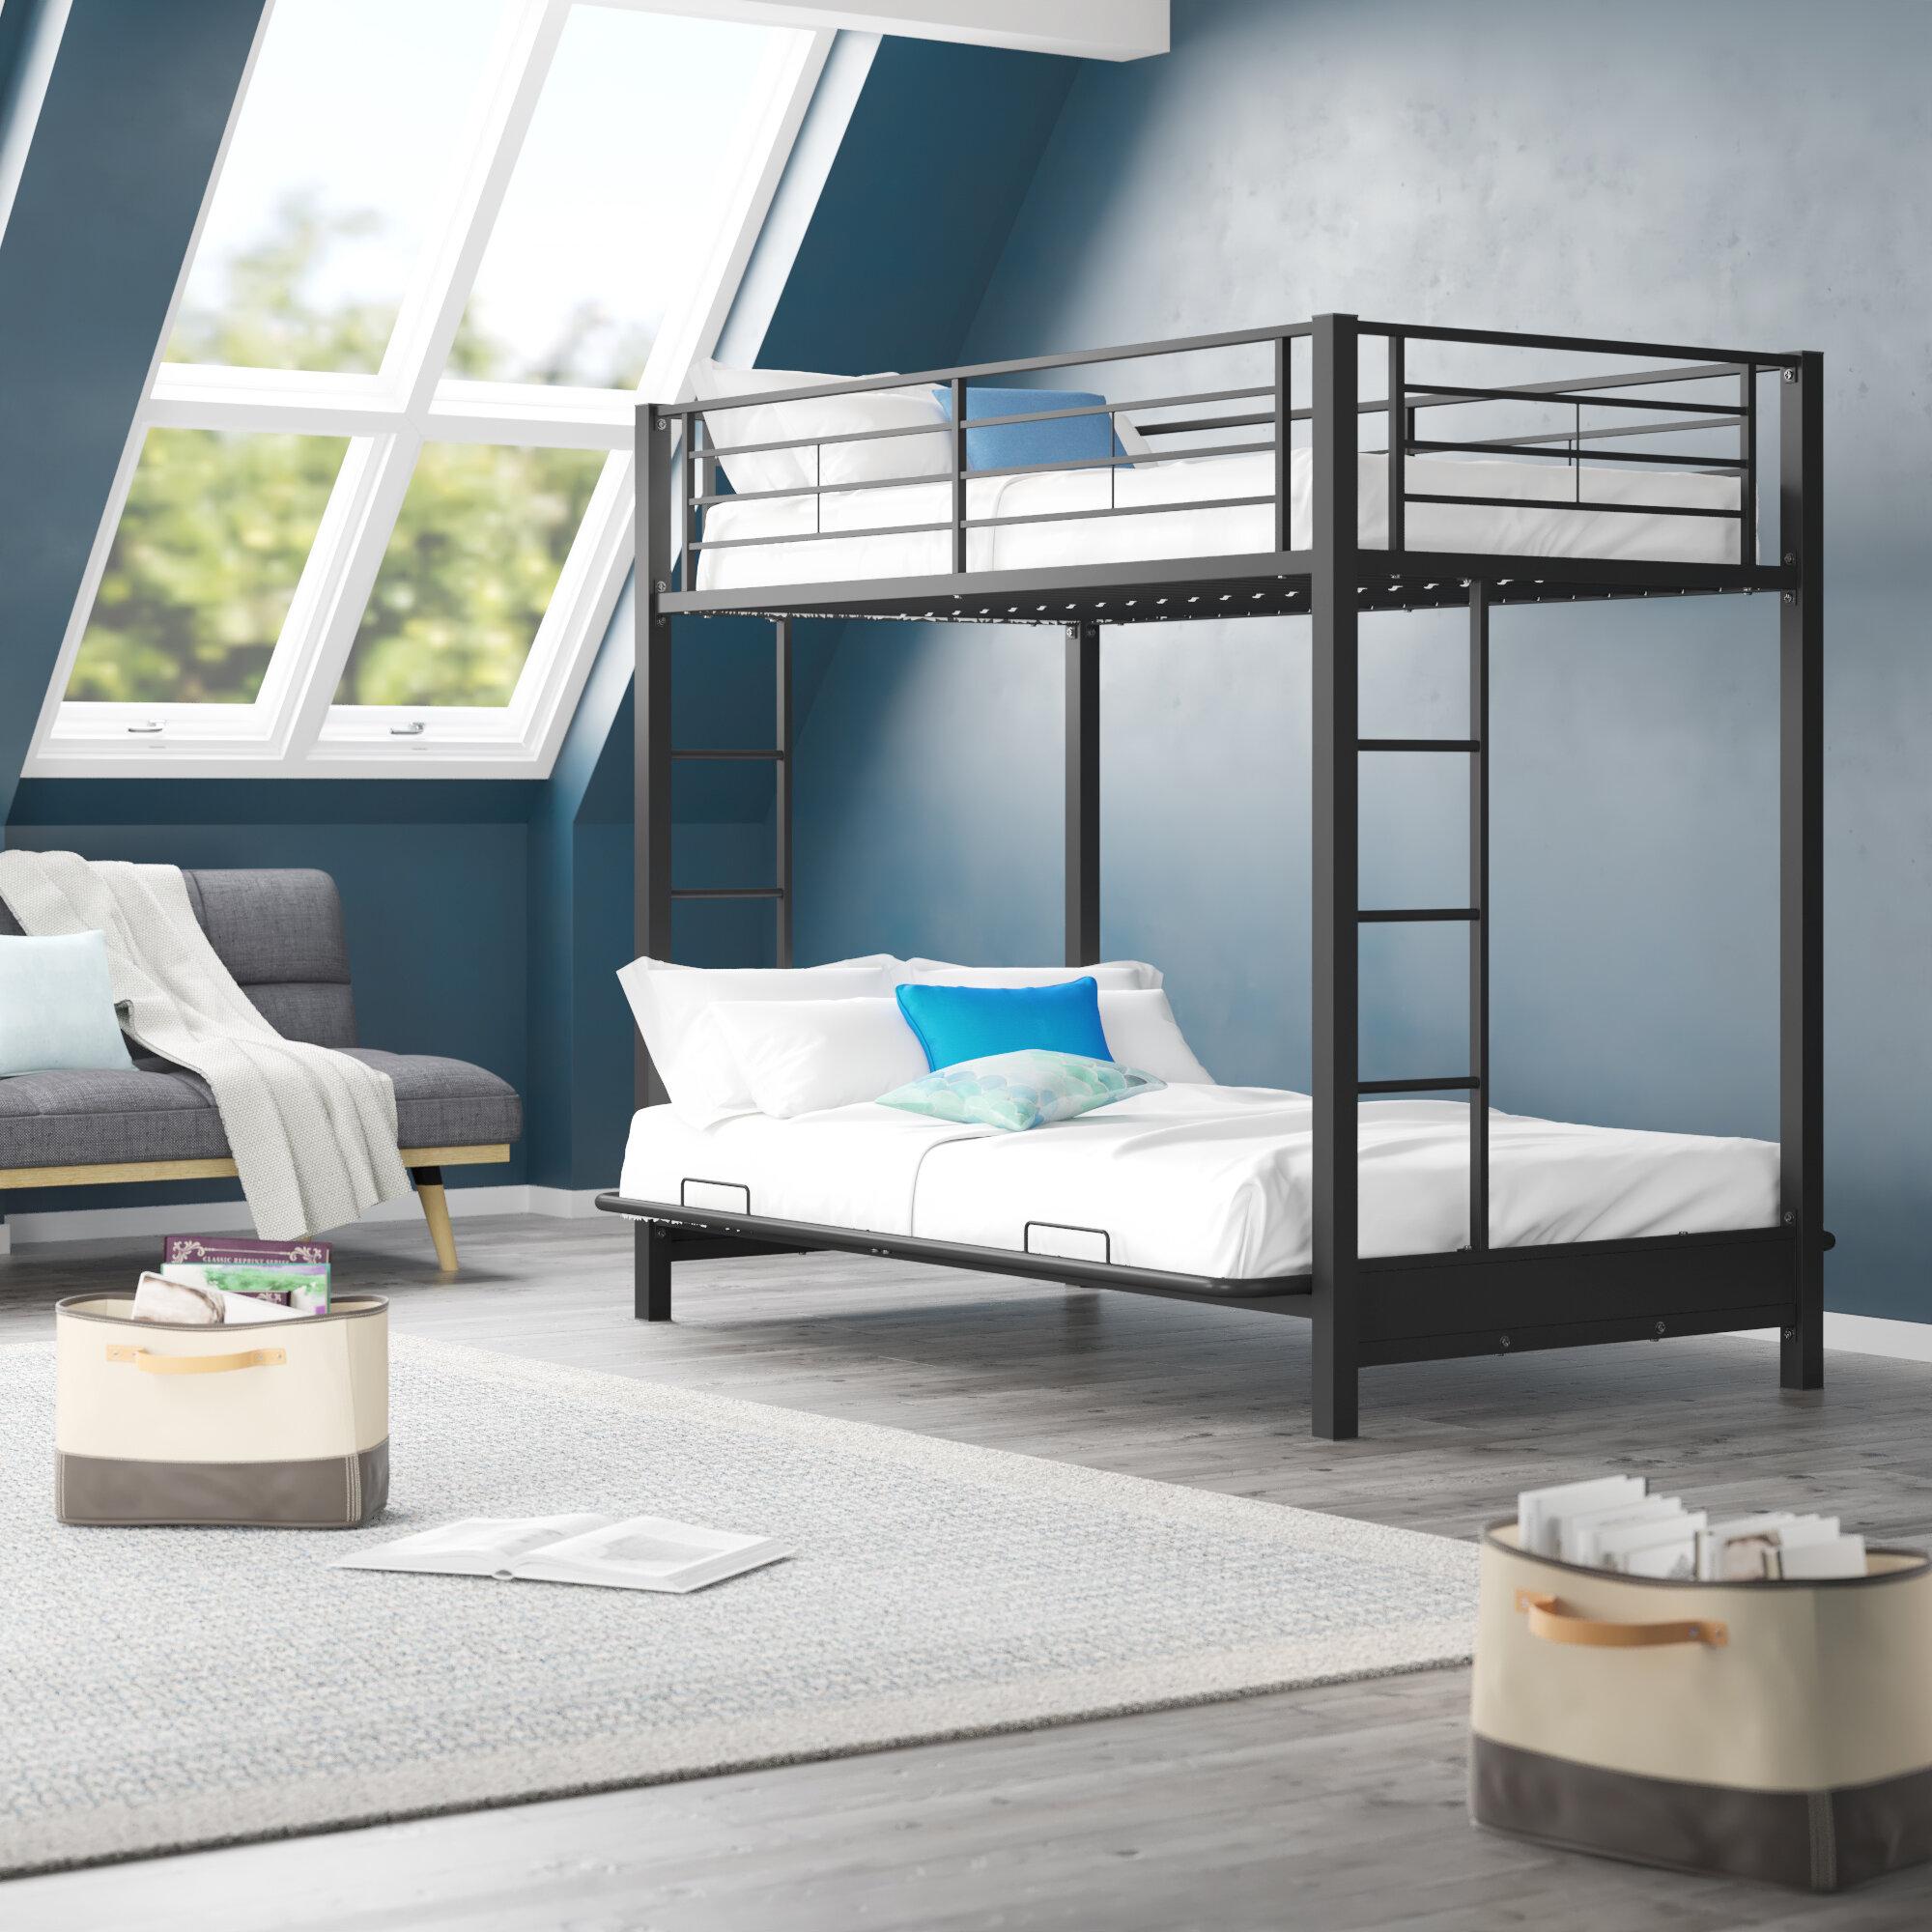 Harriet Bee Exmore Twin Over Full Metal Futon Bunk Bed By Harriet Bee Reviews Wayfair